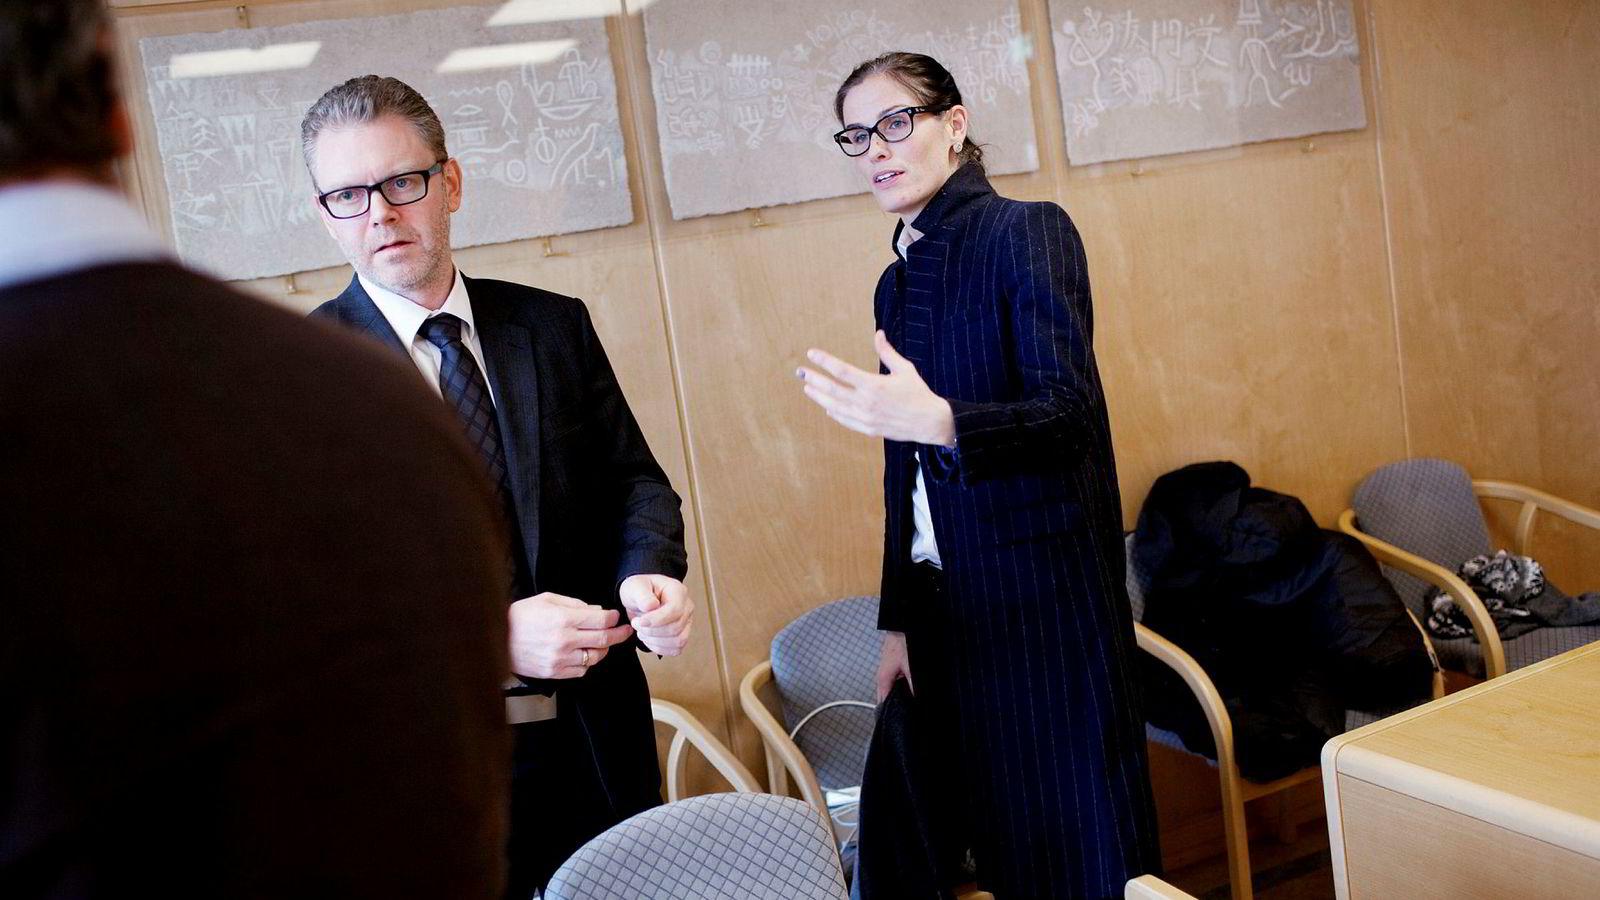 Advokat Pål Oskar Minde vant ikke frem i lagmannsretten. Det gjorde advokat Hanne Ringnes Sanne som representerte Sparebank 1 SR-Bank.